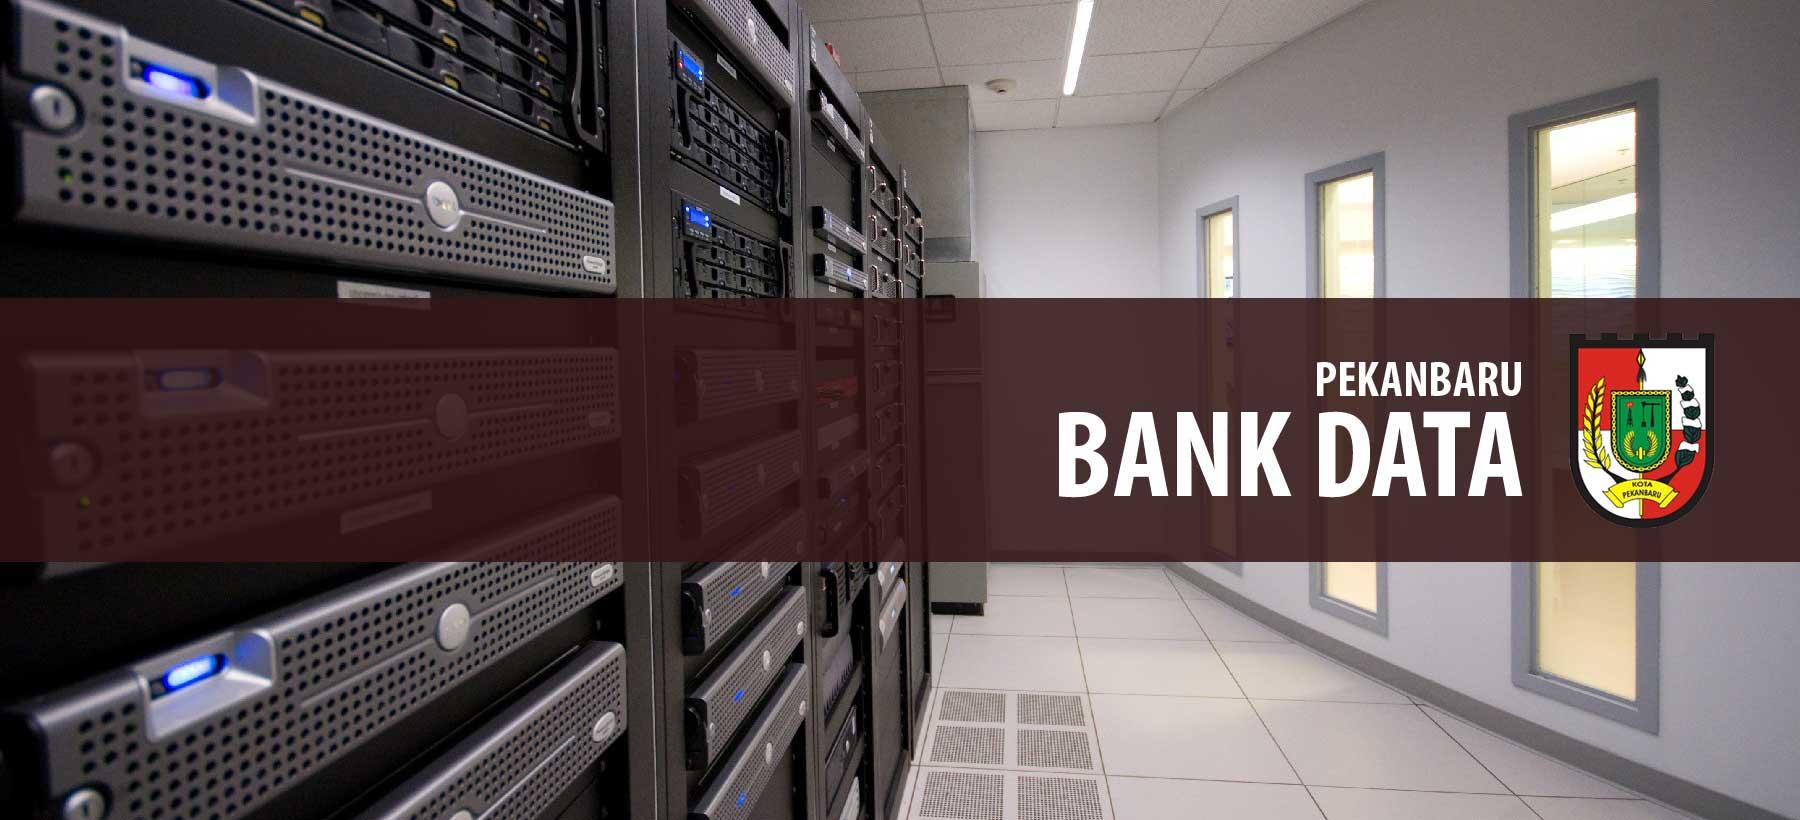 Pekanbaru Bank Data